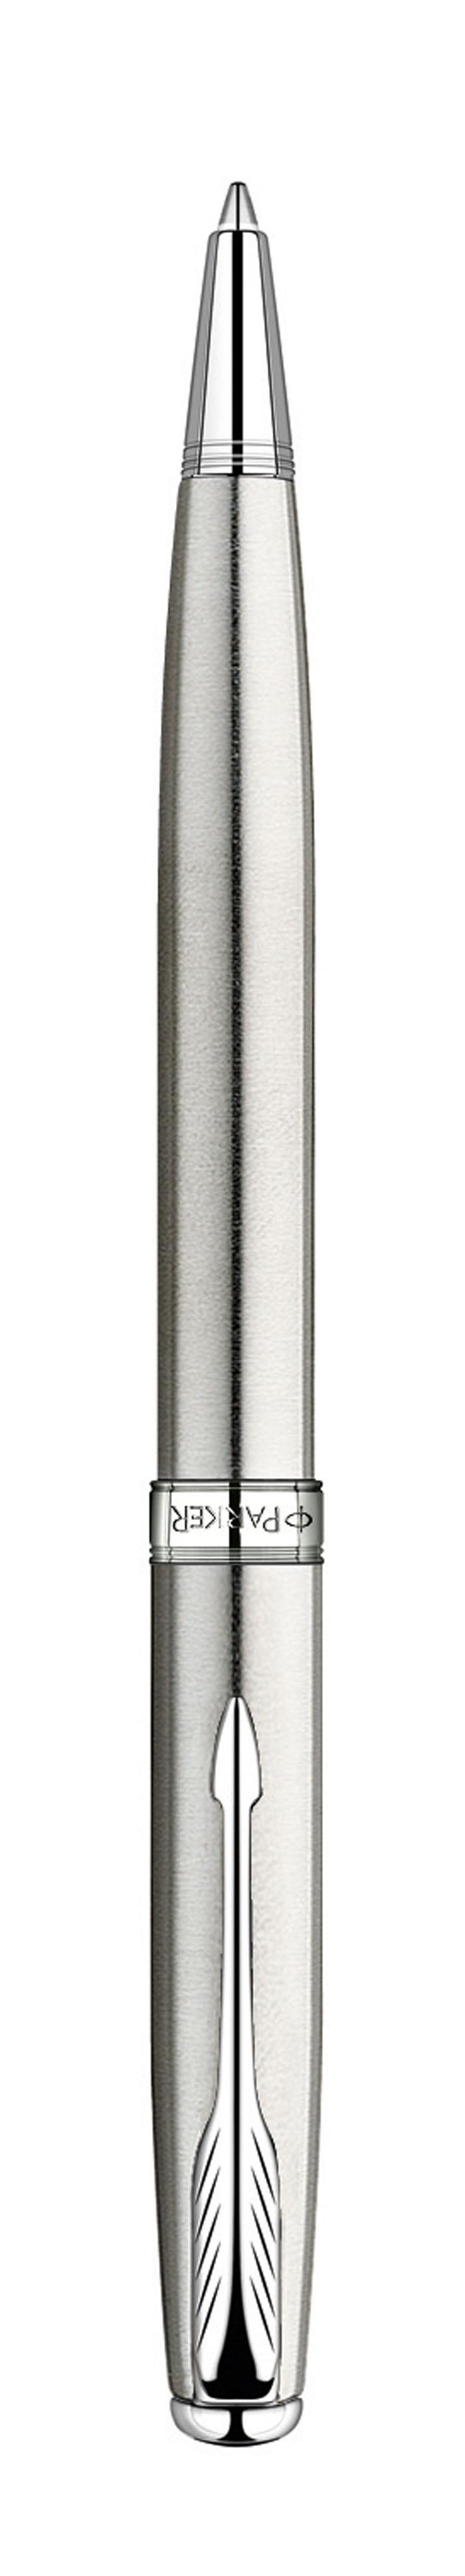 Parker Ручка шариковая Sonnet Stainless Steel СTPARKER-S0809240Шариковая ручка Parker Sonnet Stainless Steel CT из самой популярной коллекции Sonnet. Материал ручки - нержавеющая сталь, в отделке применяется хромирование. В ручке используются стандартные шариковые стержни Parker, в комплект поставки входит один стержень черного цвета. Данный пишущий инструмент поставляется в фирменной подарочной коробке премиум-класса, что делает его превосходным подарком. В комплекте также идет гарантийный талон с международной гарантией на 2 года.Механизм поворотного действияДлина 13.2 смДиаметр (max) 10 ммЦвет серебристыйЦвет отделки серебристыйОсобенности используются стандартные шариковые стержни ParkerСтержень в комплекте черный, M (средний)Комплектация: 1 стержень в ручке, подарочная коробка, гарантийный талон